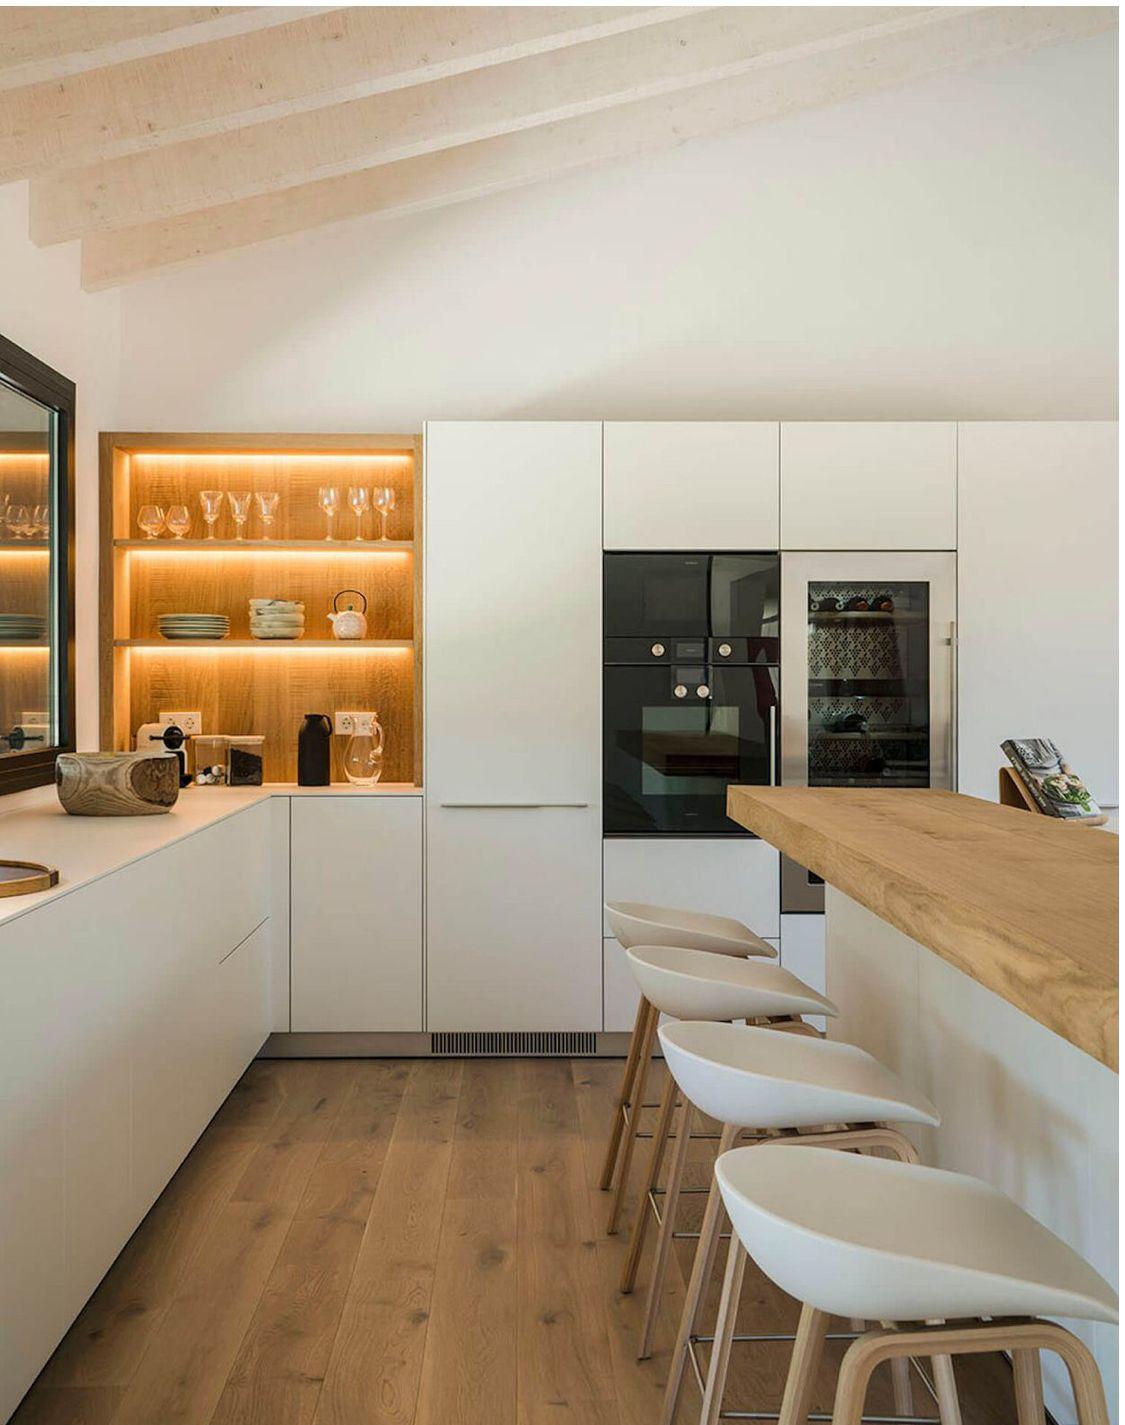 Pin Von Theresa Schwartz Auf Kuche In 2018 Kitchen Design Kitchen